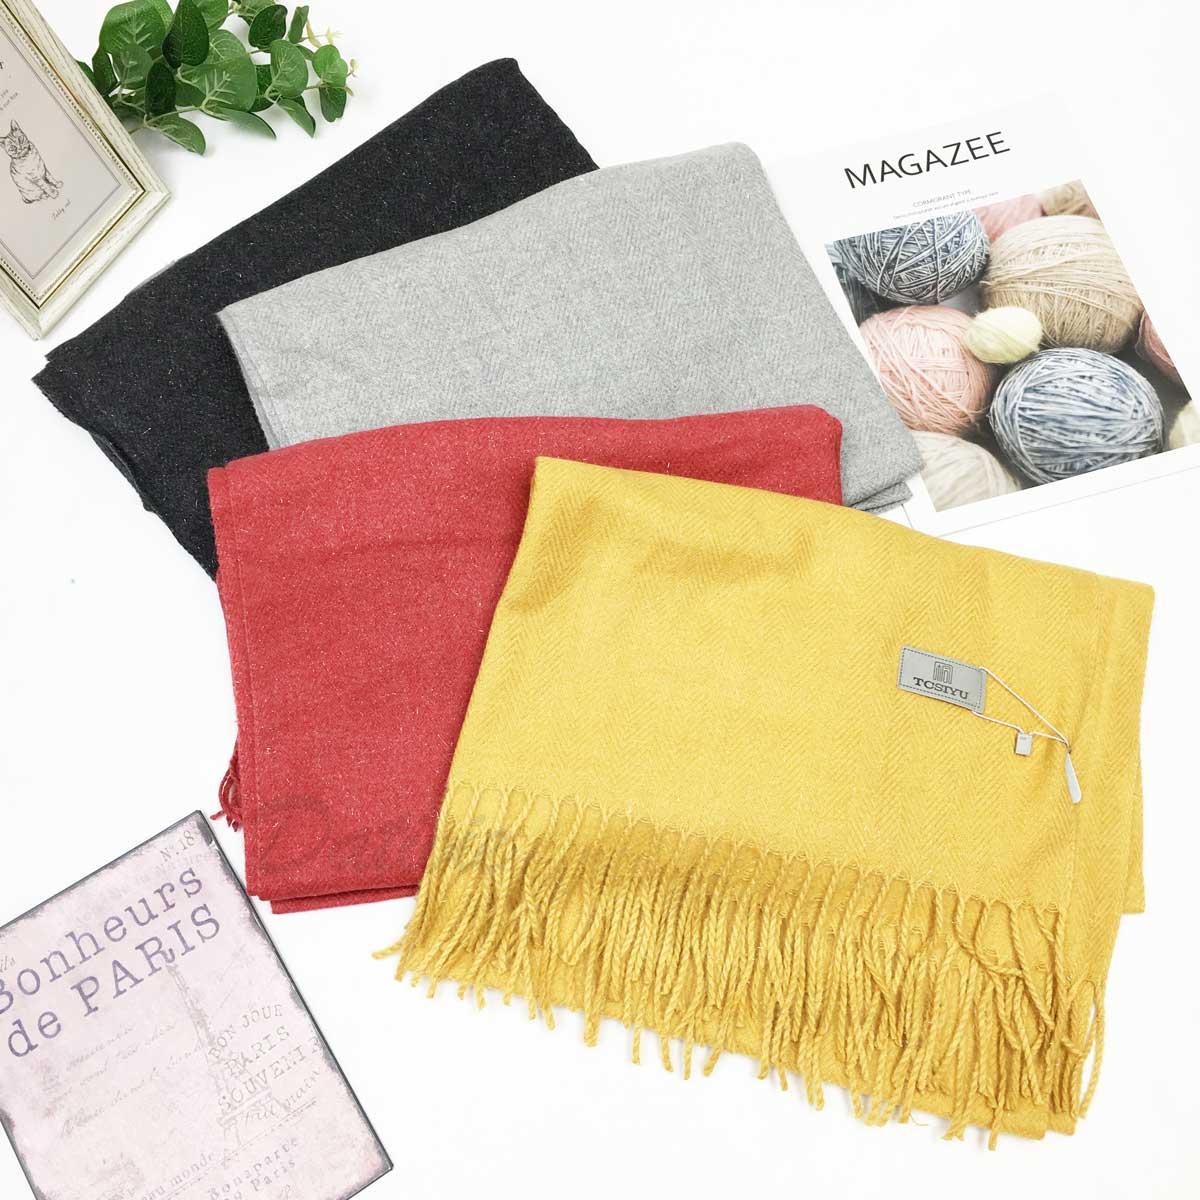 圍巾 披肩 混毛料 親膚柔暖 流蘇 保暖圍巾 四款